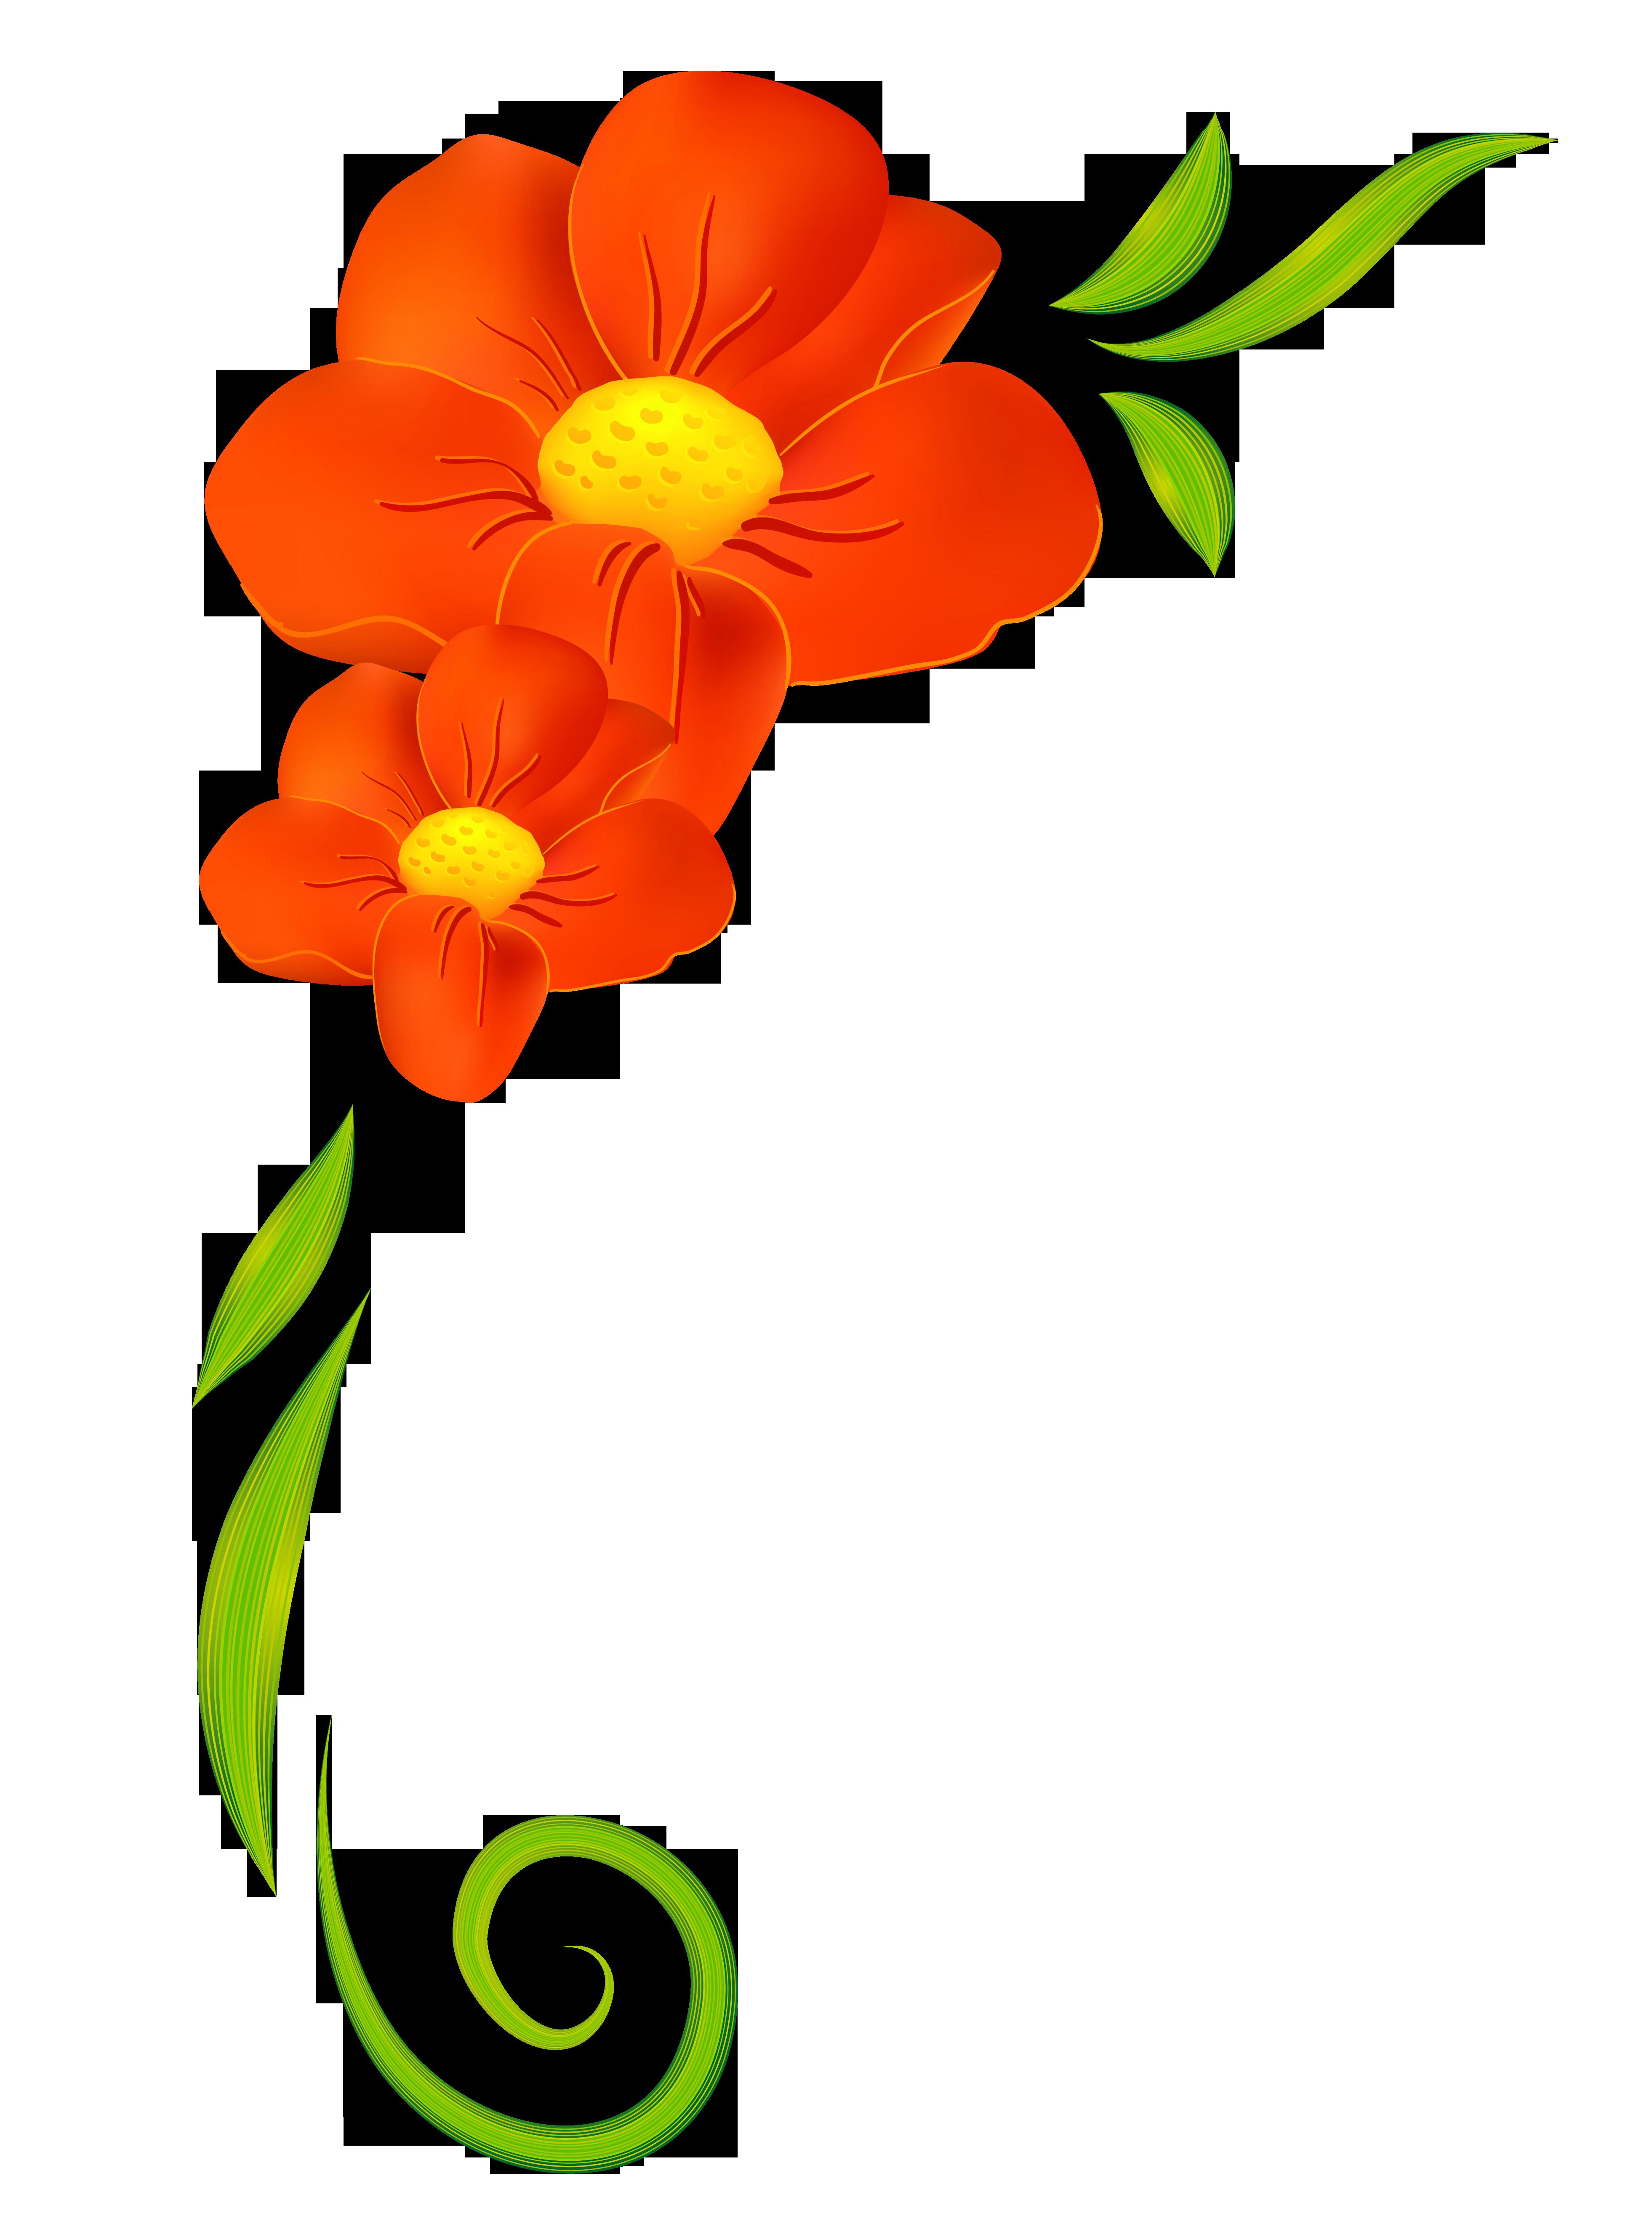 Flower Border Png | Free download best Flower Border Png on ...